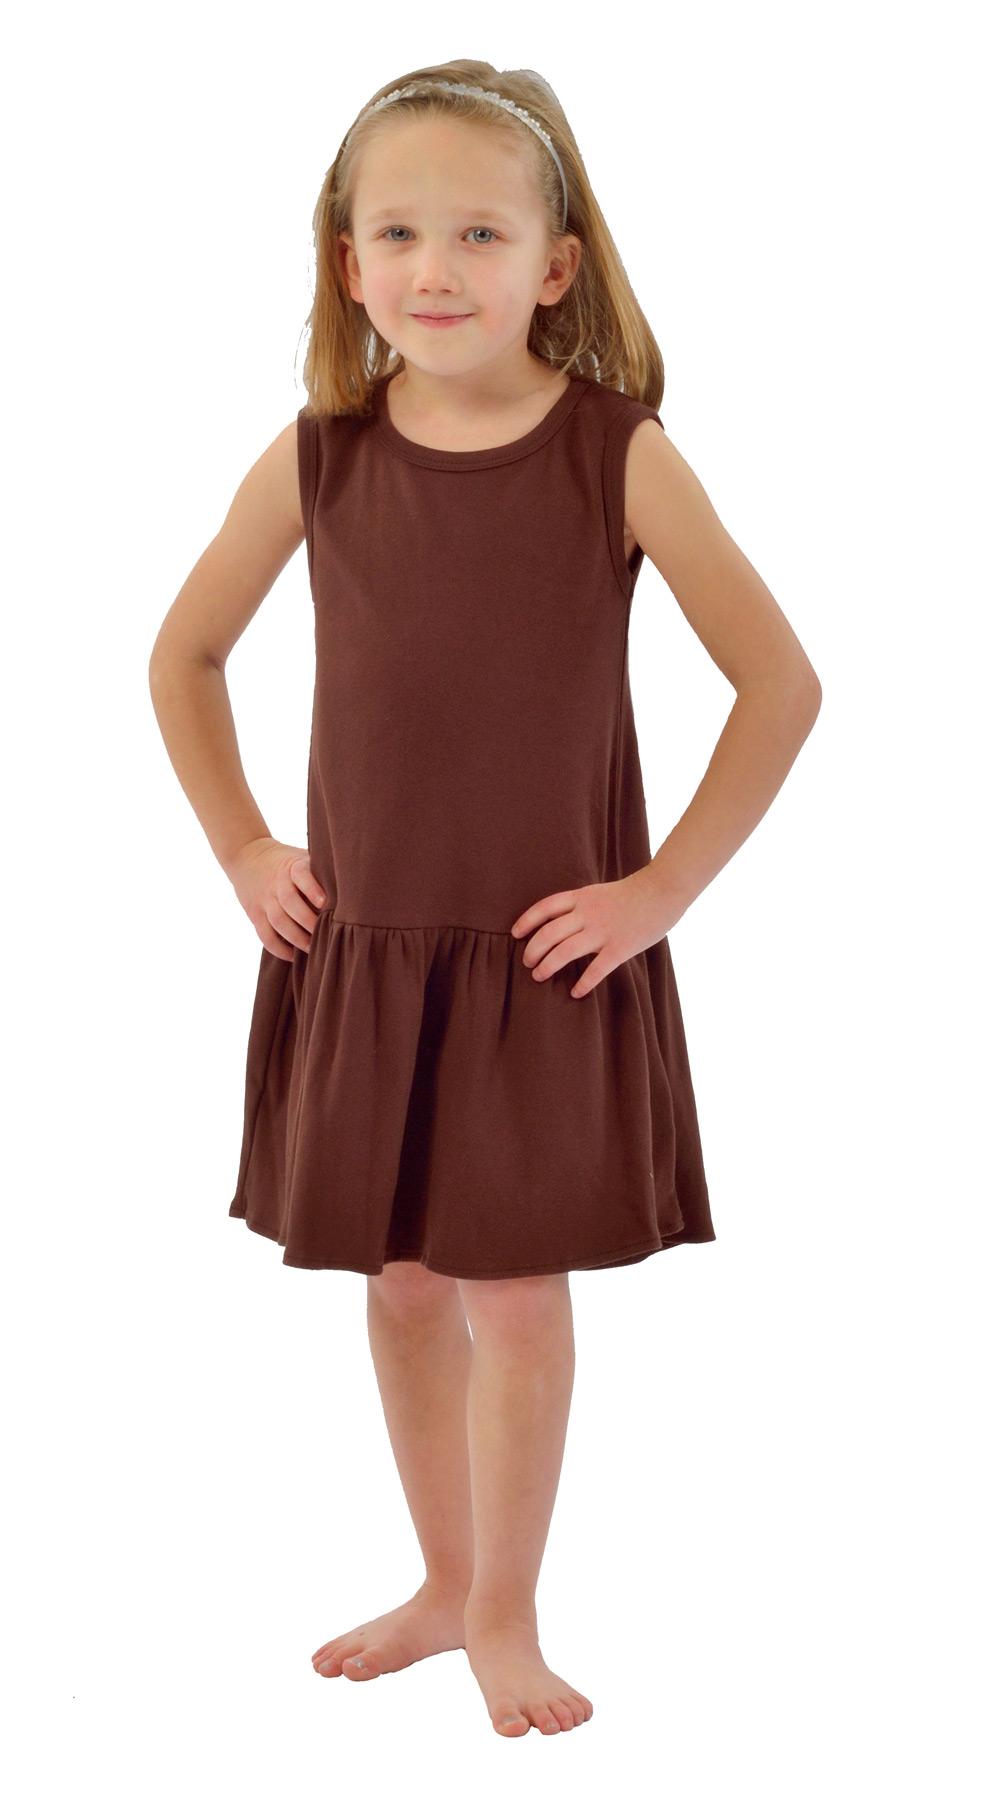 Monag 400104 - Interlock Sleeveless Pleated Dress